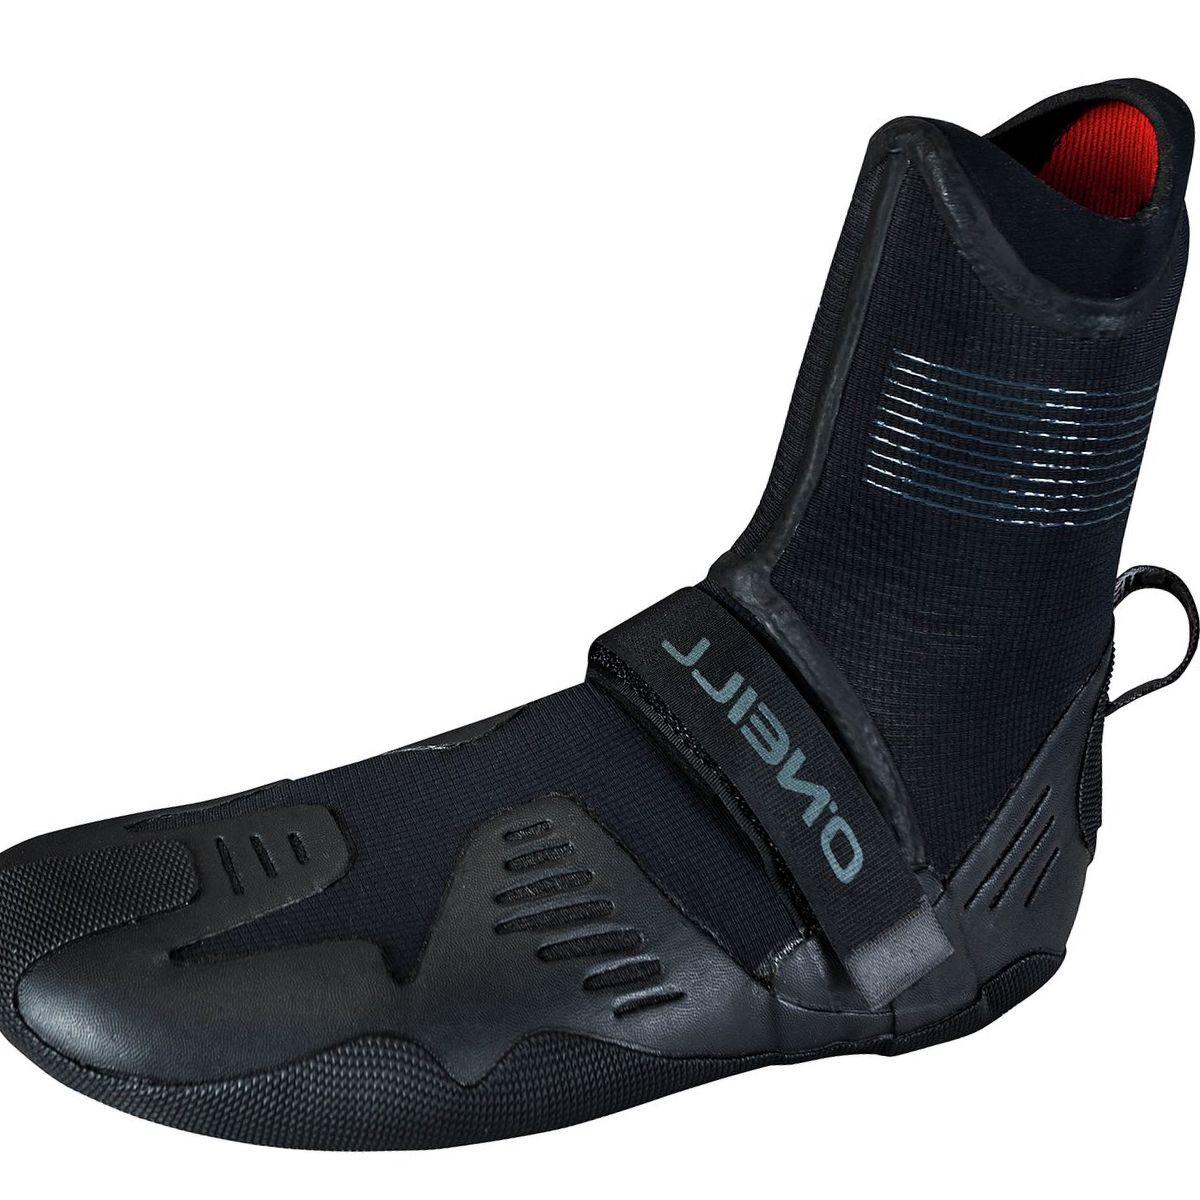 O'Neill Psycho Tech 5mm ST Boot - Men's